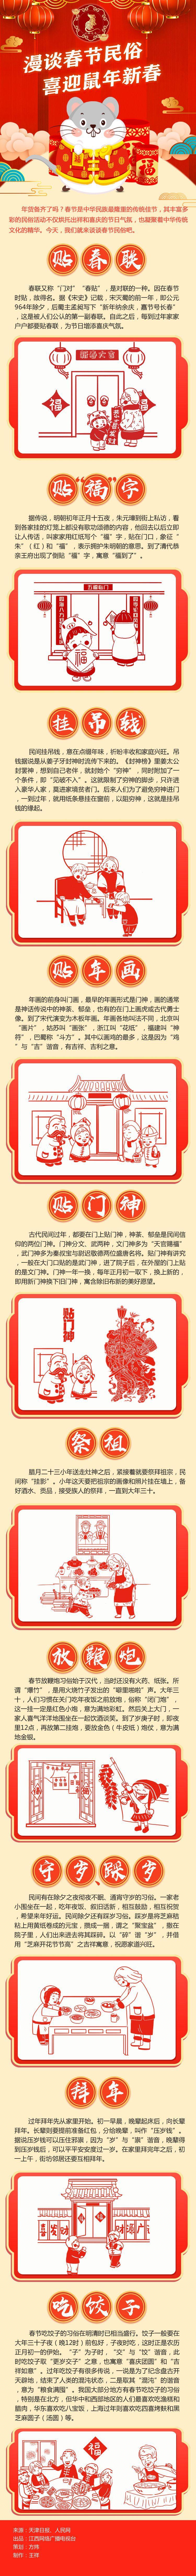 漫谈春节民俗 喜迎鼠年新春